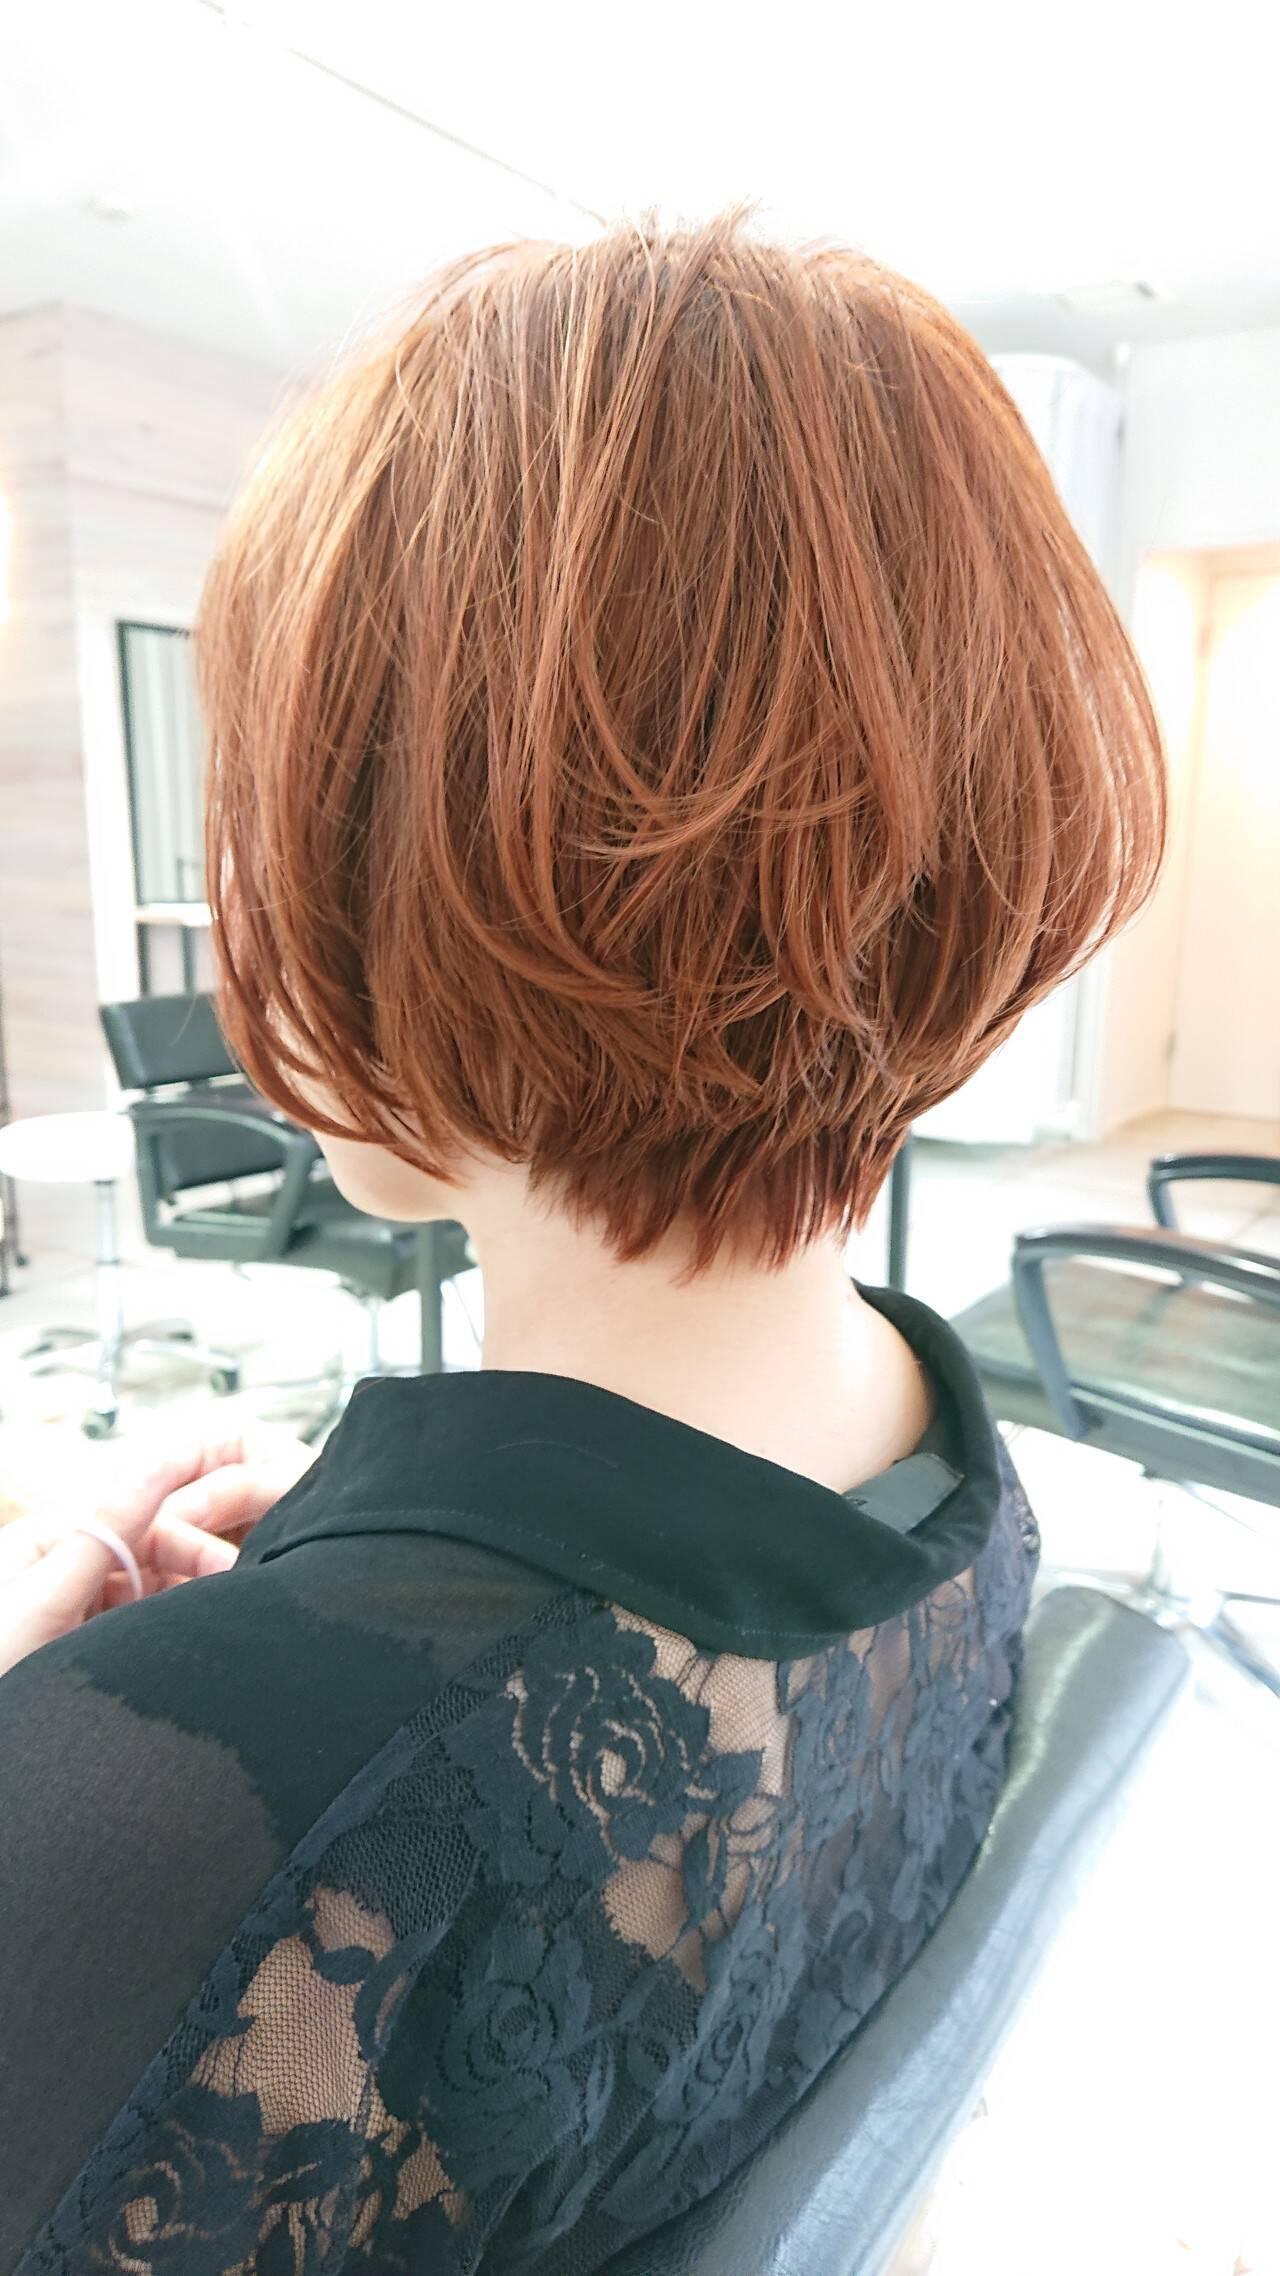 ナチュラル ショート 透明感 美シルエットヘアスタイルや髪型の写真・画像